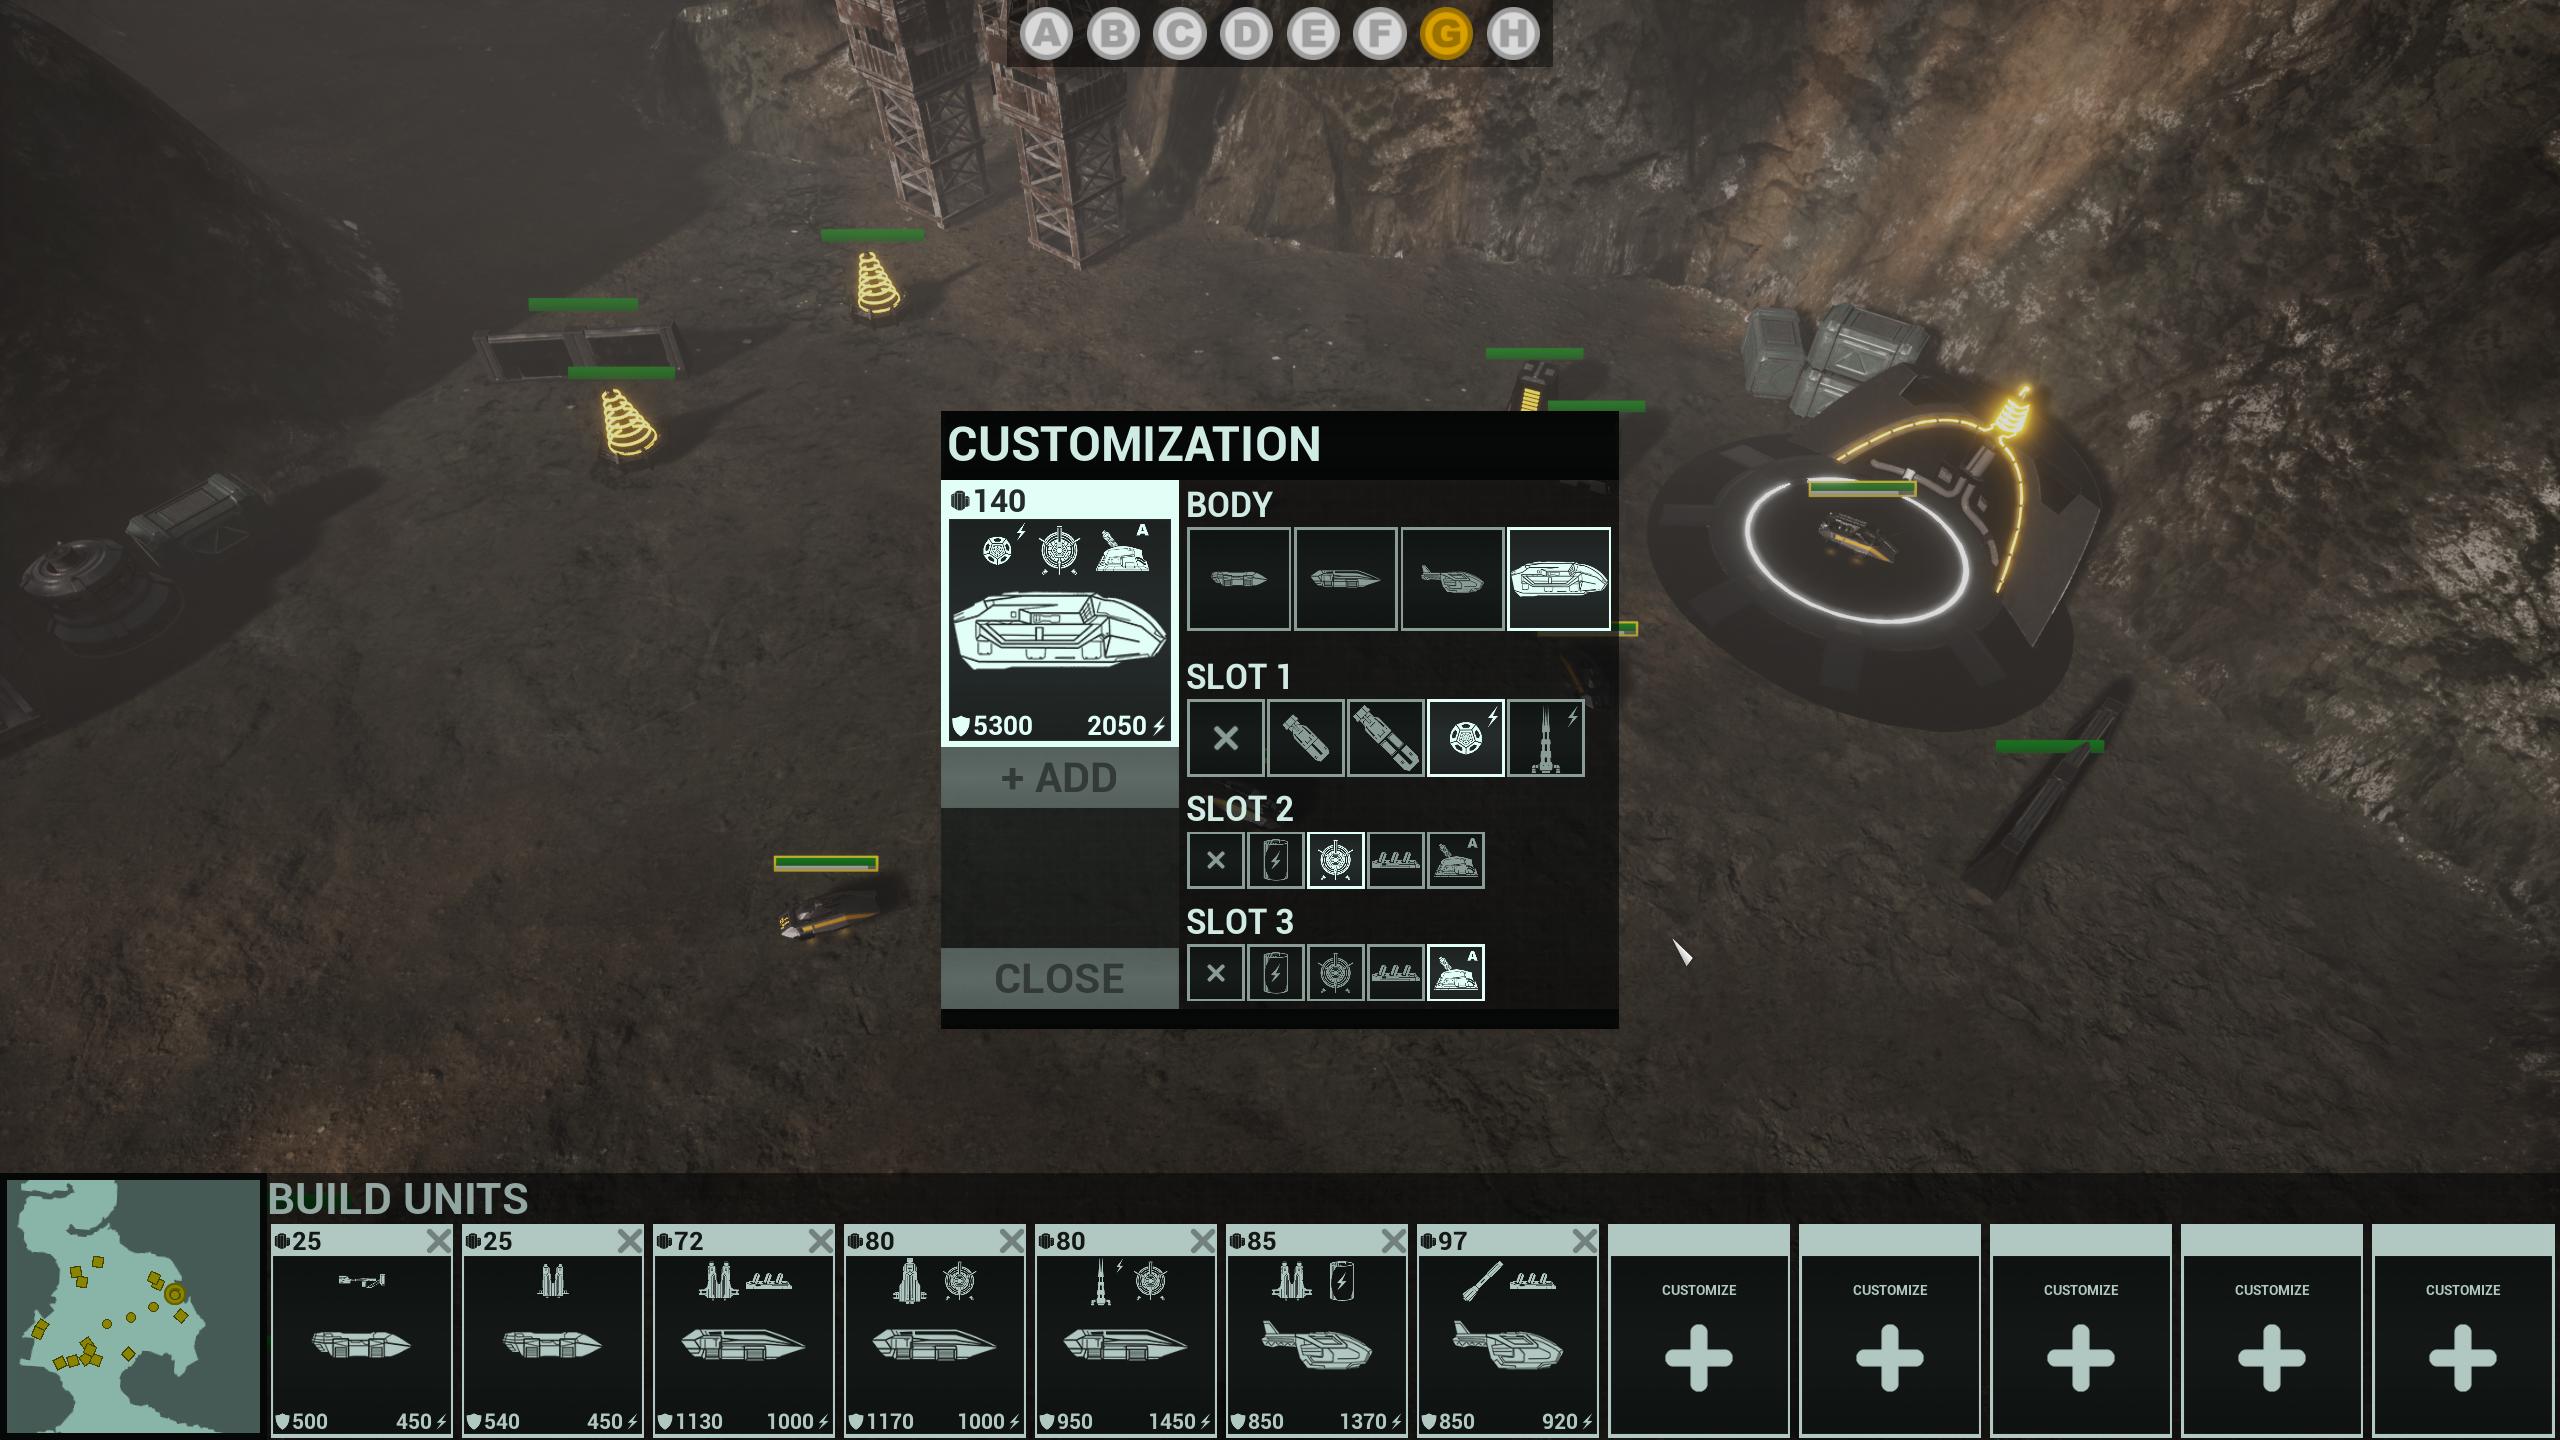 Units customization